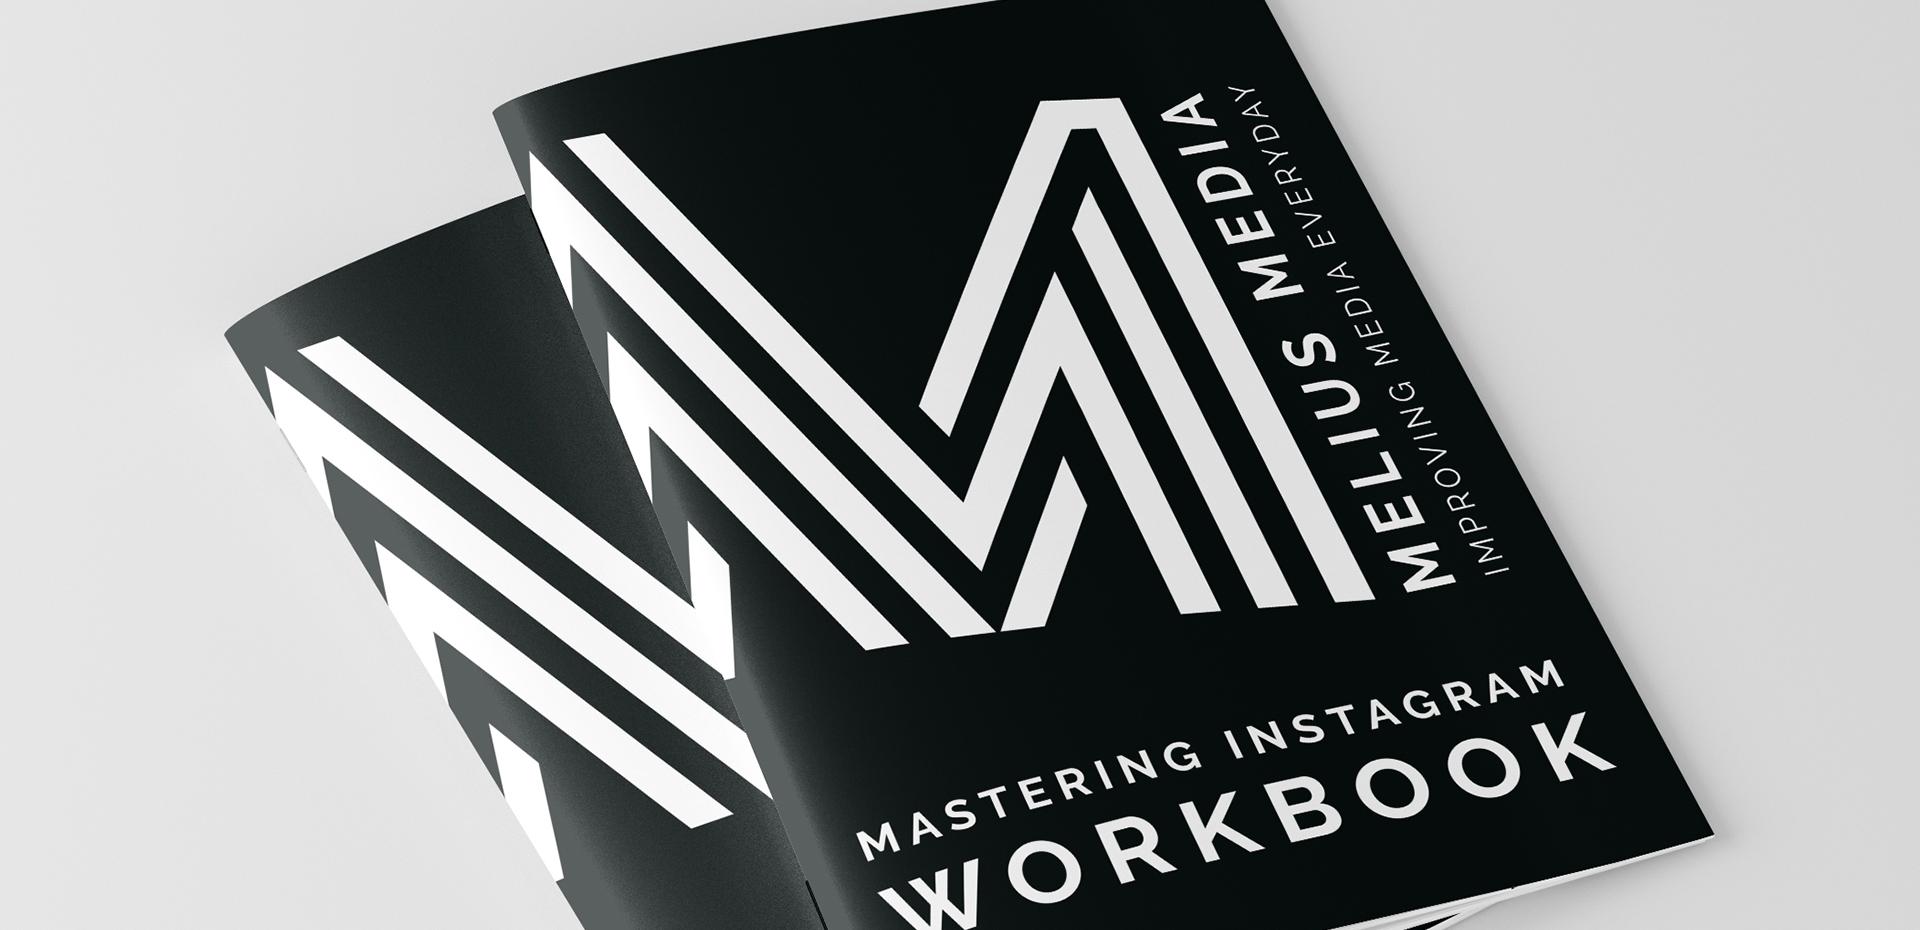 Training course workbook for Melius Media Instagram training 3